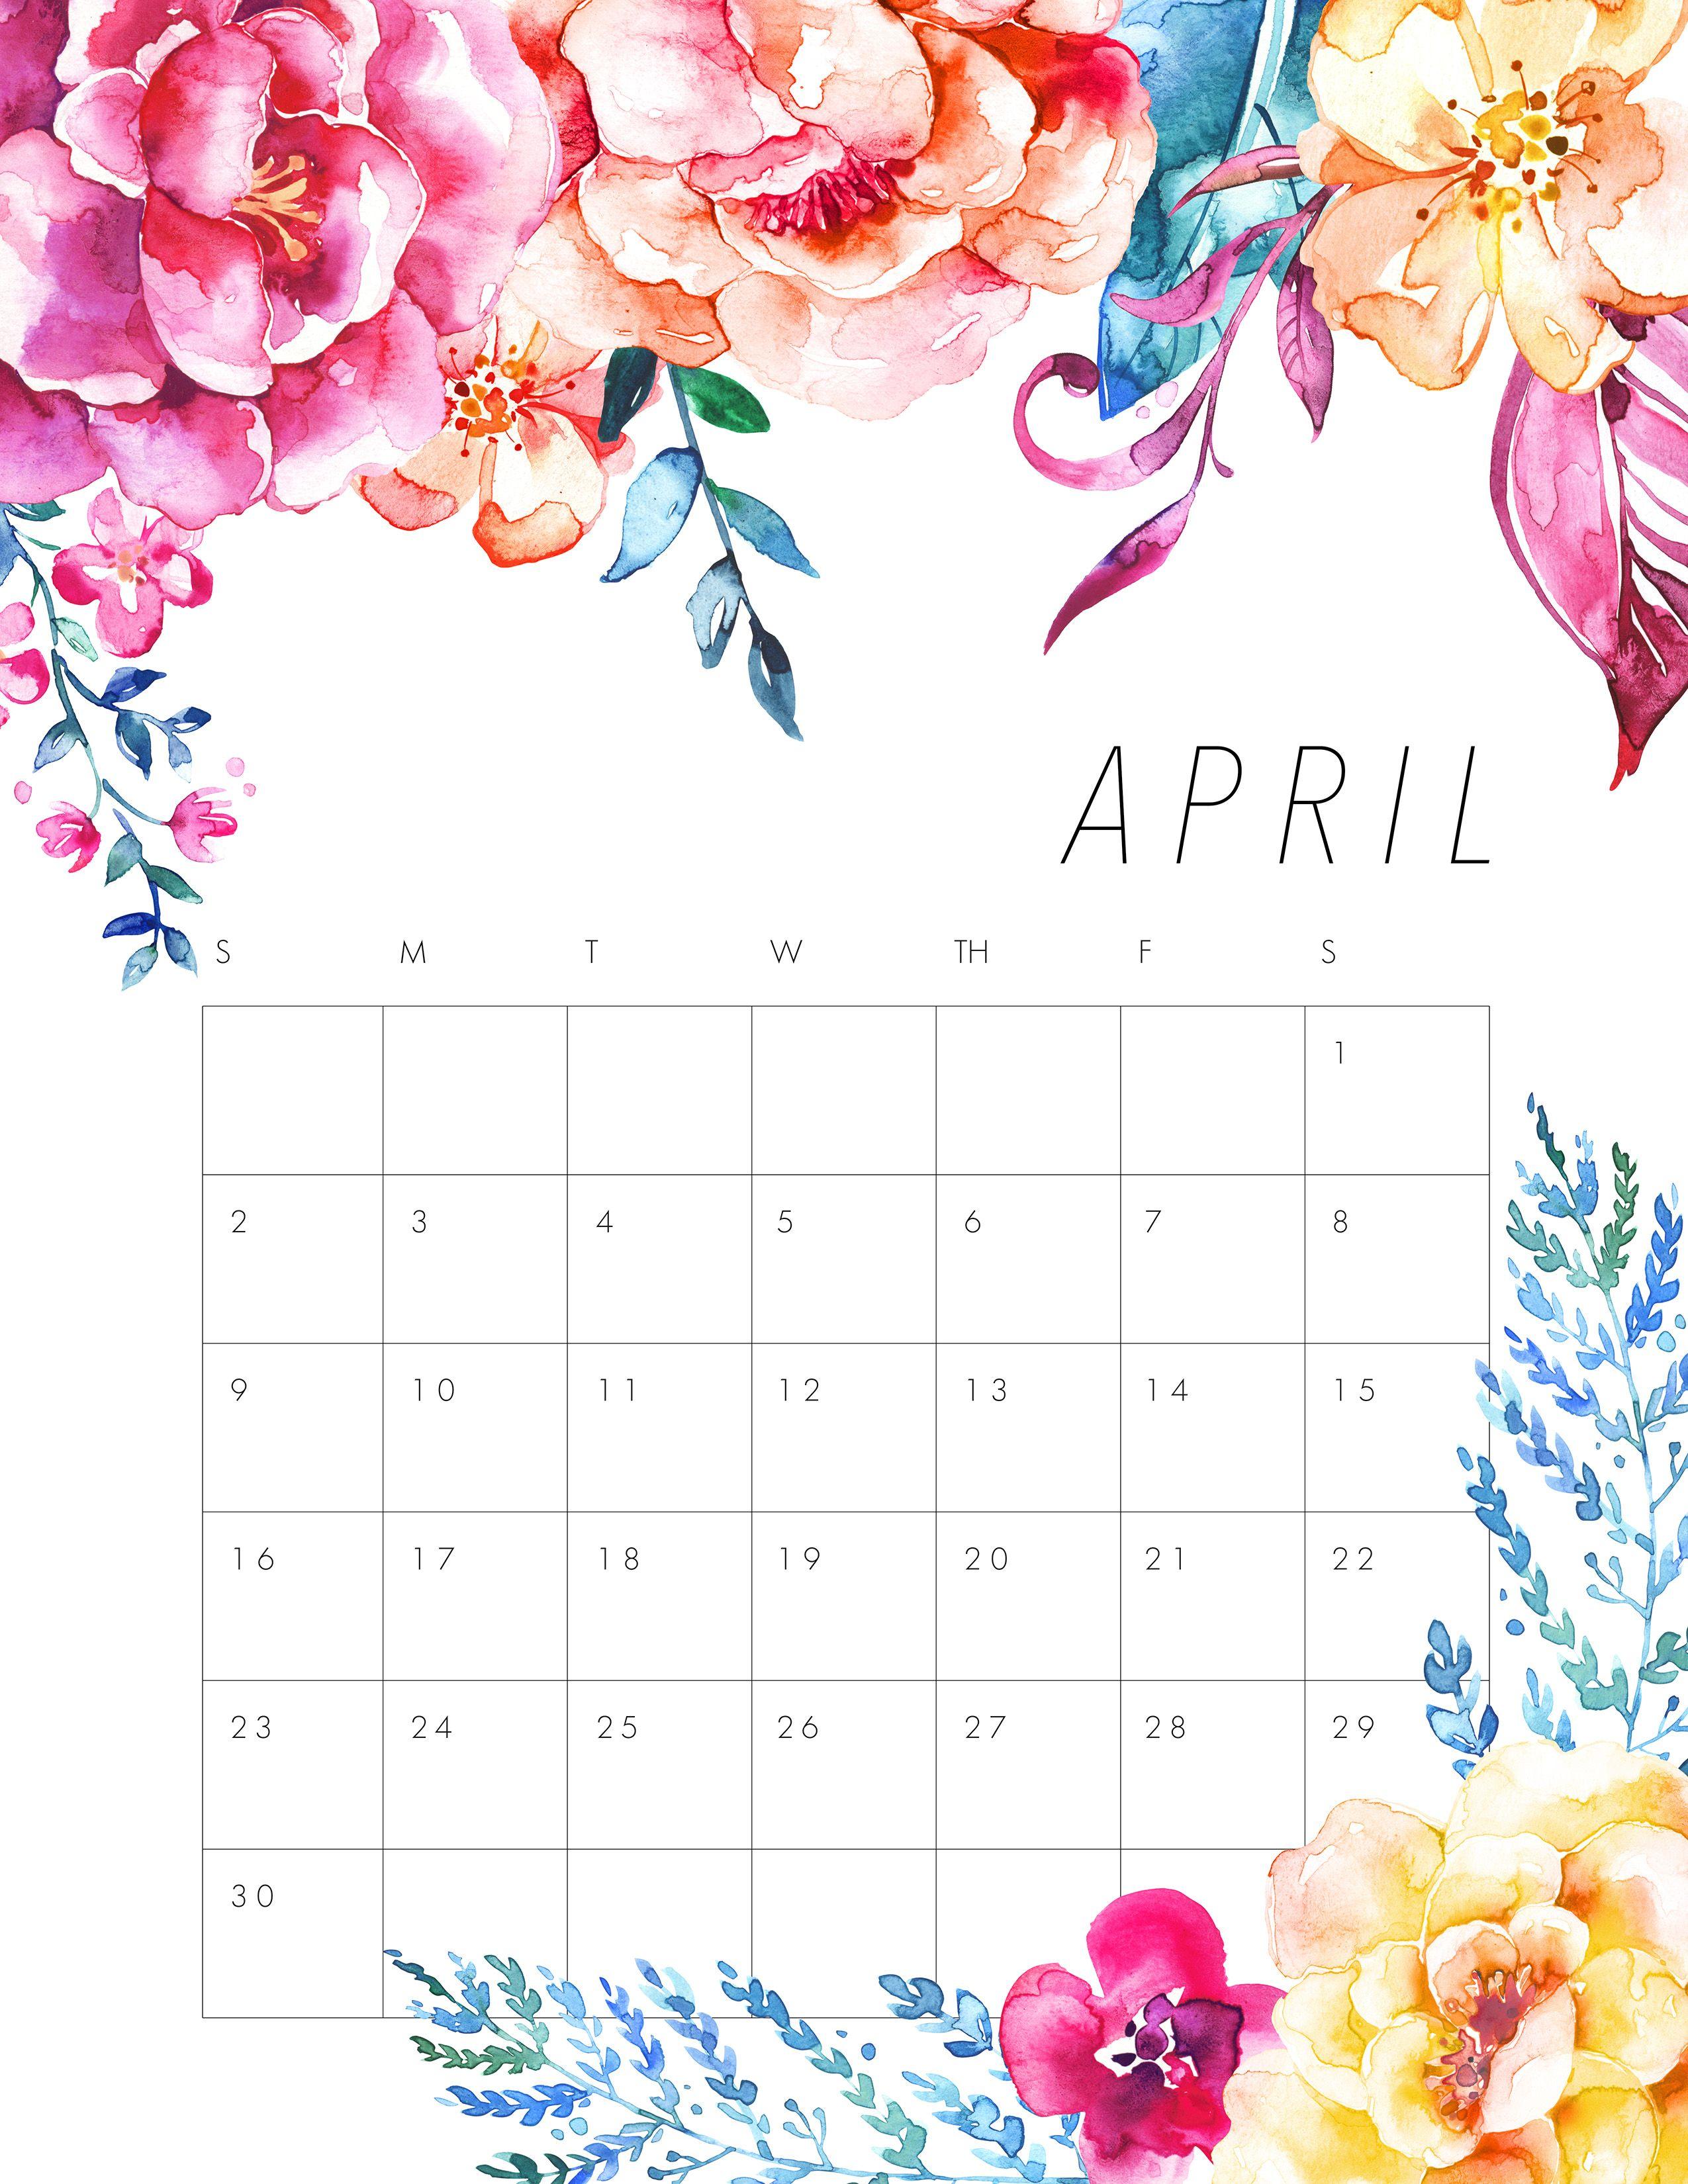 april clip free april 2017 calendar clipart collection 1.